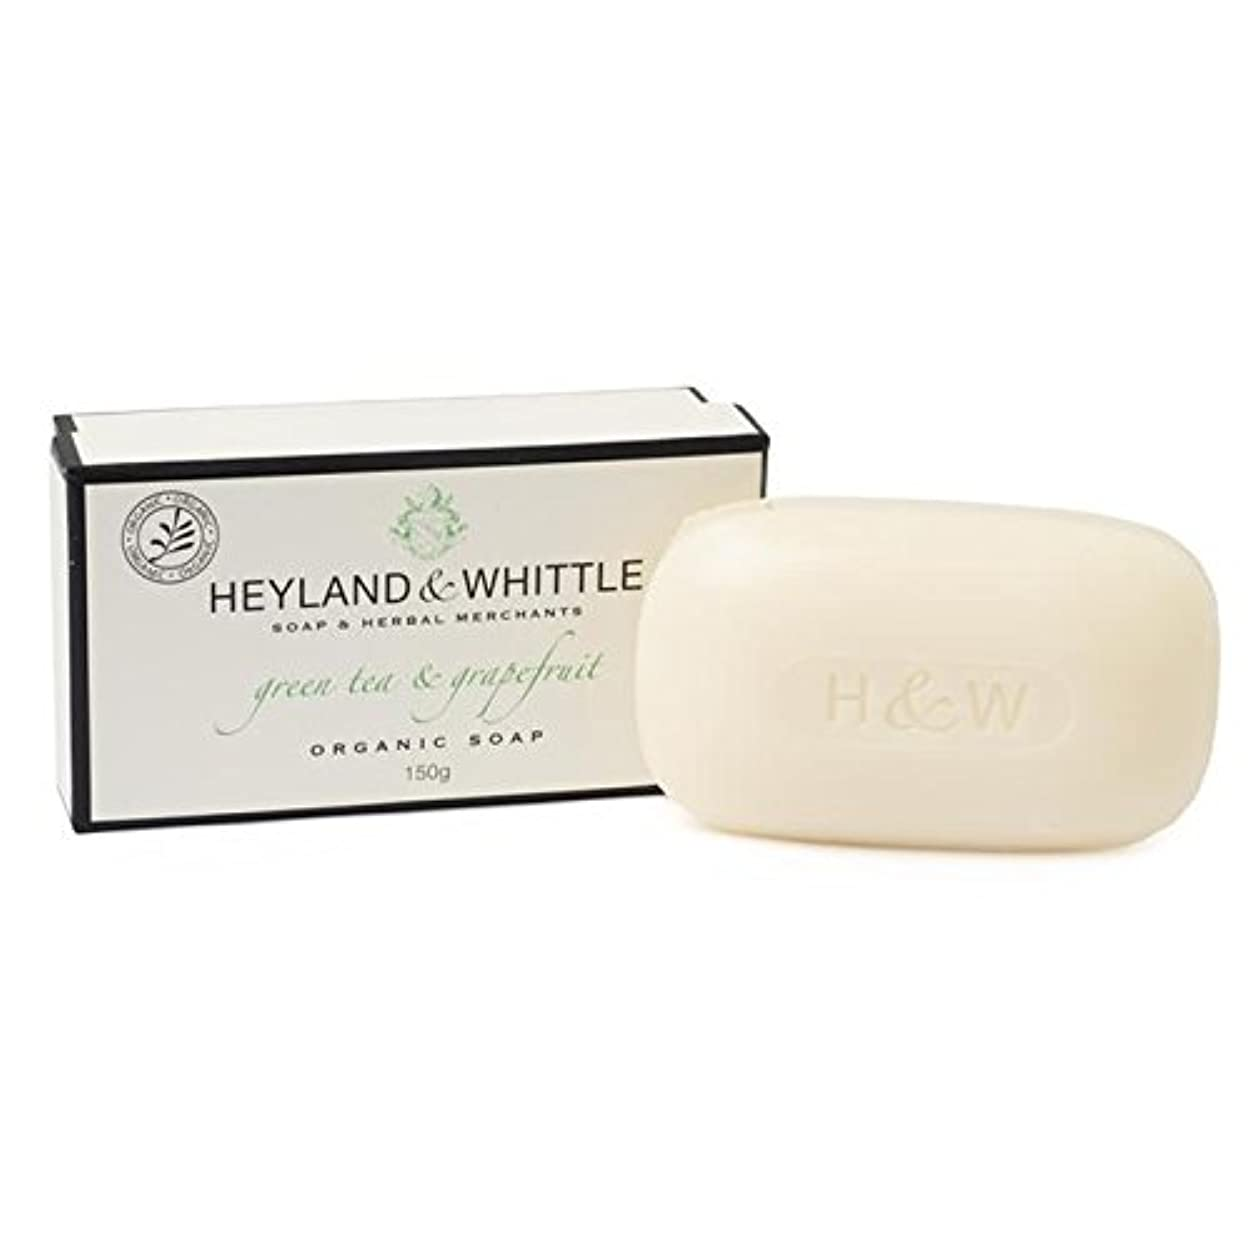 専門用語貫入教育学Heyland & Whittle Green Tea & Grapefruit Boxed Organic Soap 150g - &削る緑茶&グレープフルーツはオーガニックソープ150グラム箱入り [並行輸入品]